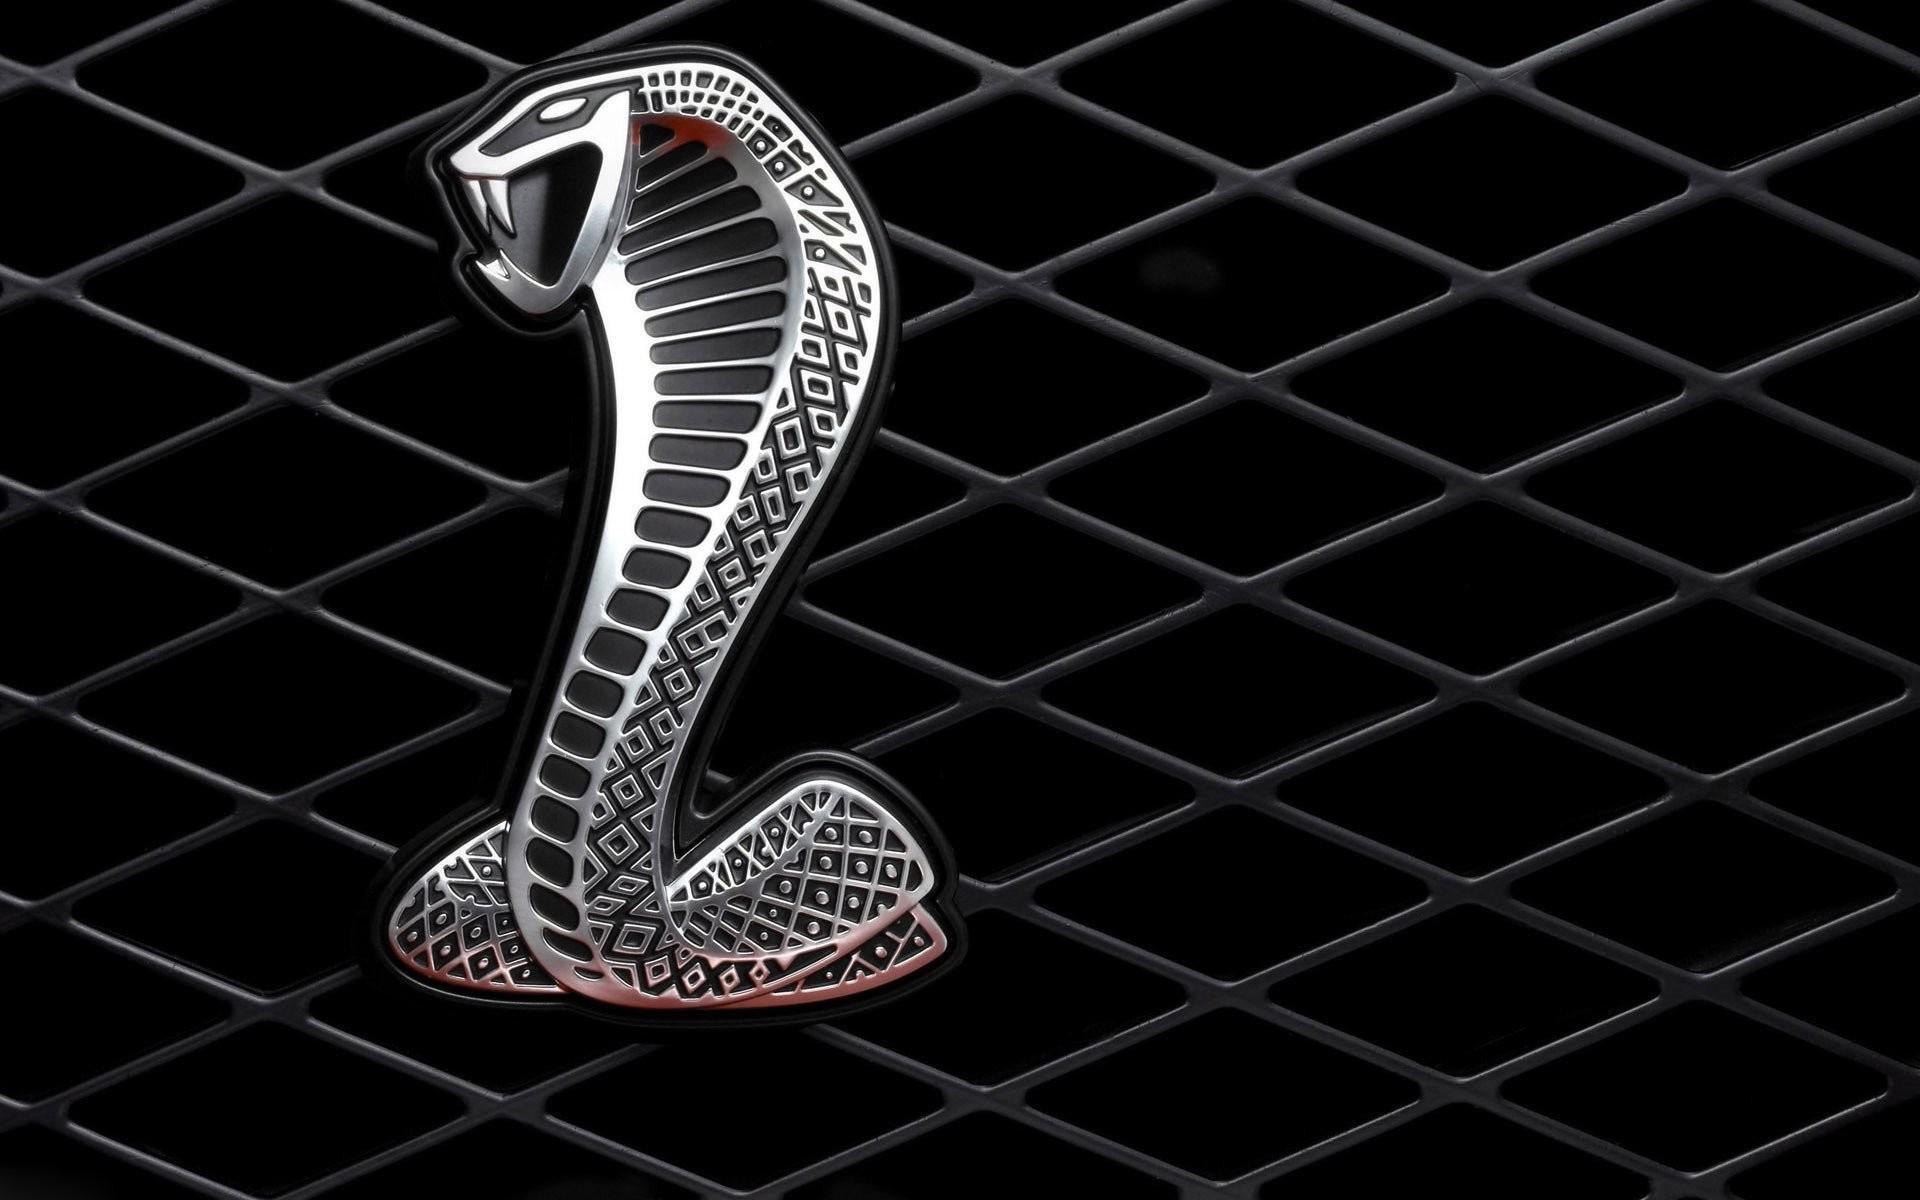 Ford Mustang SVT Cobra Logo